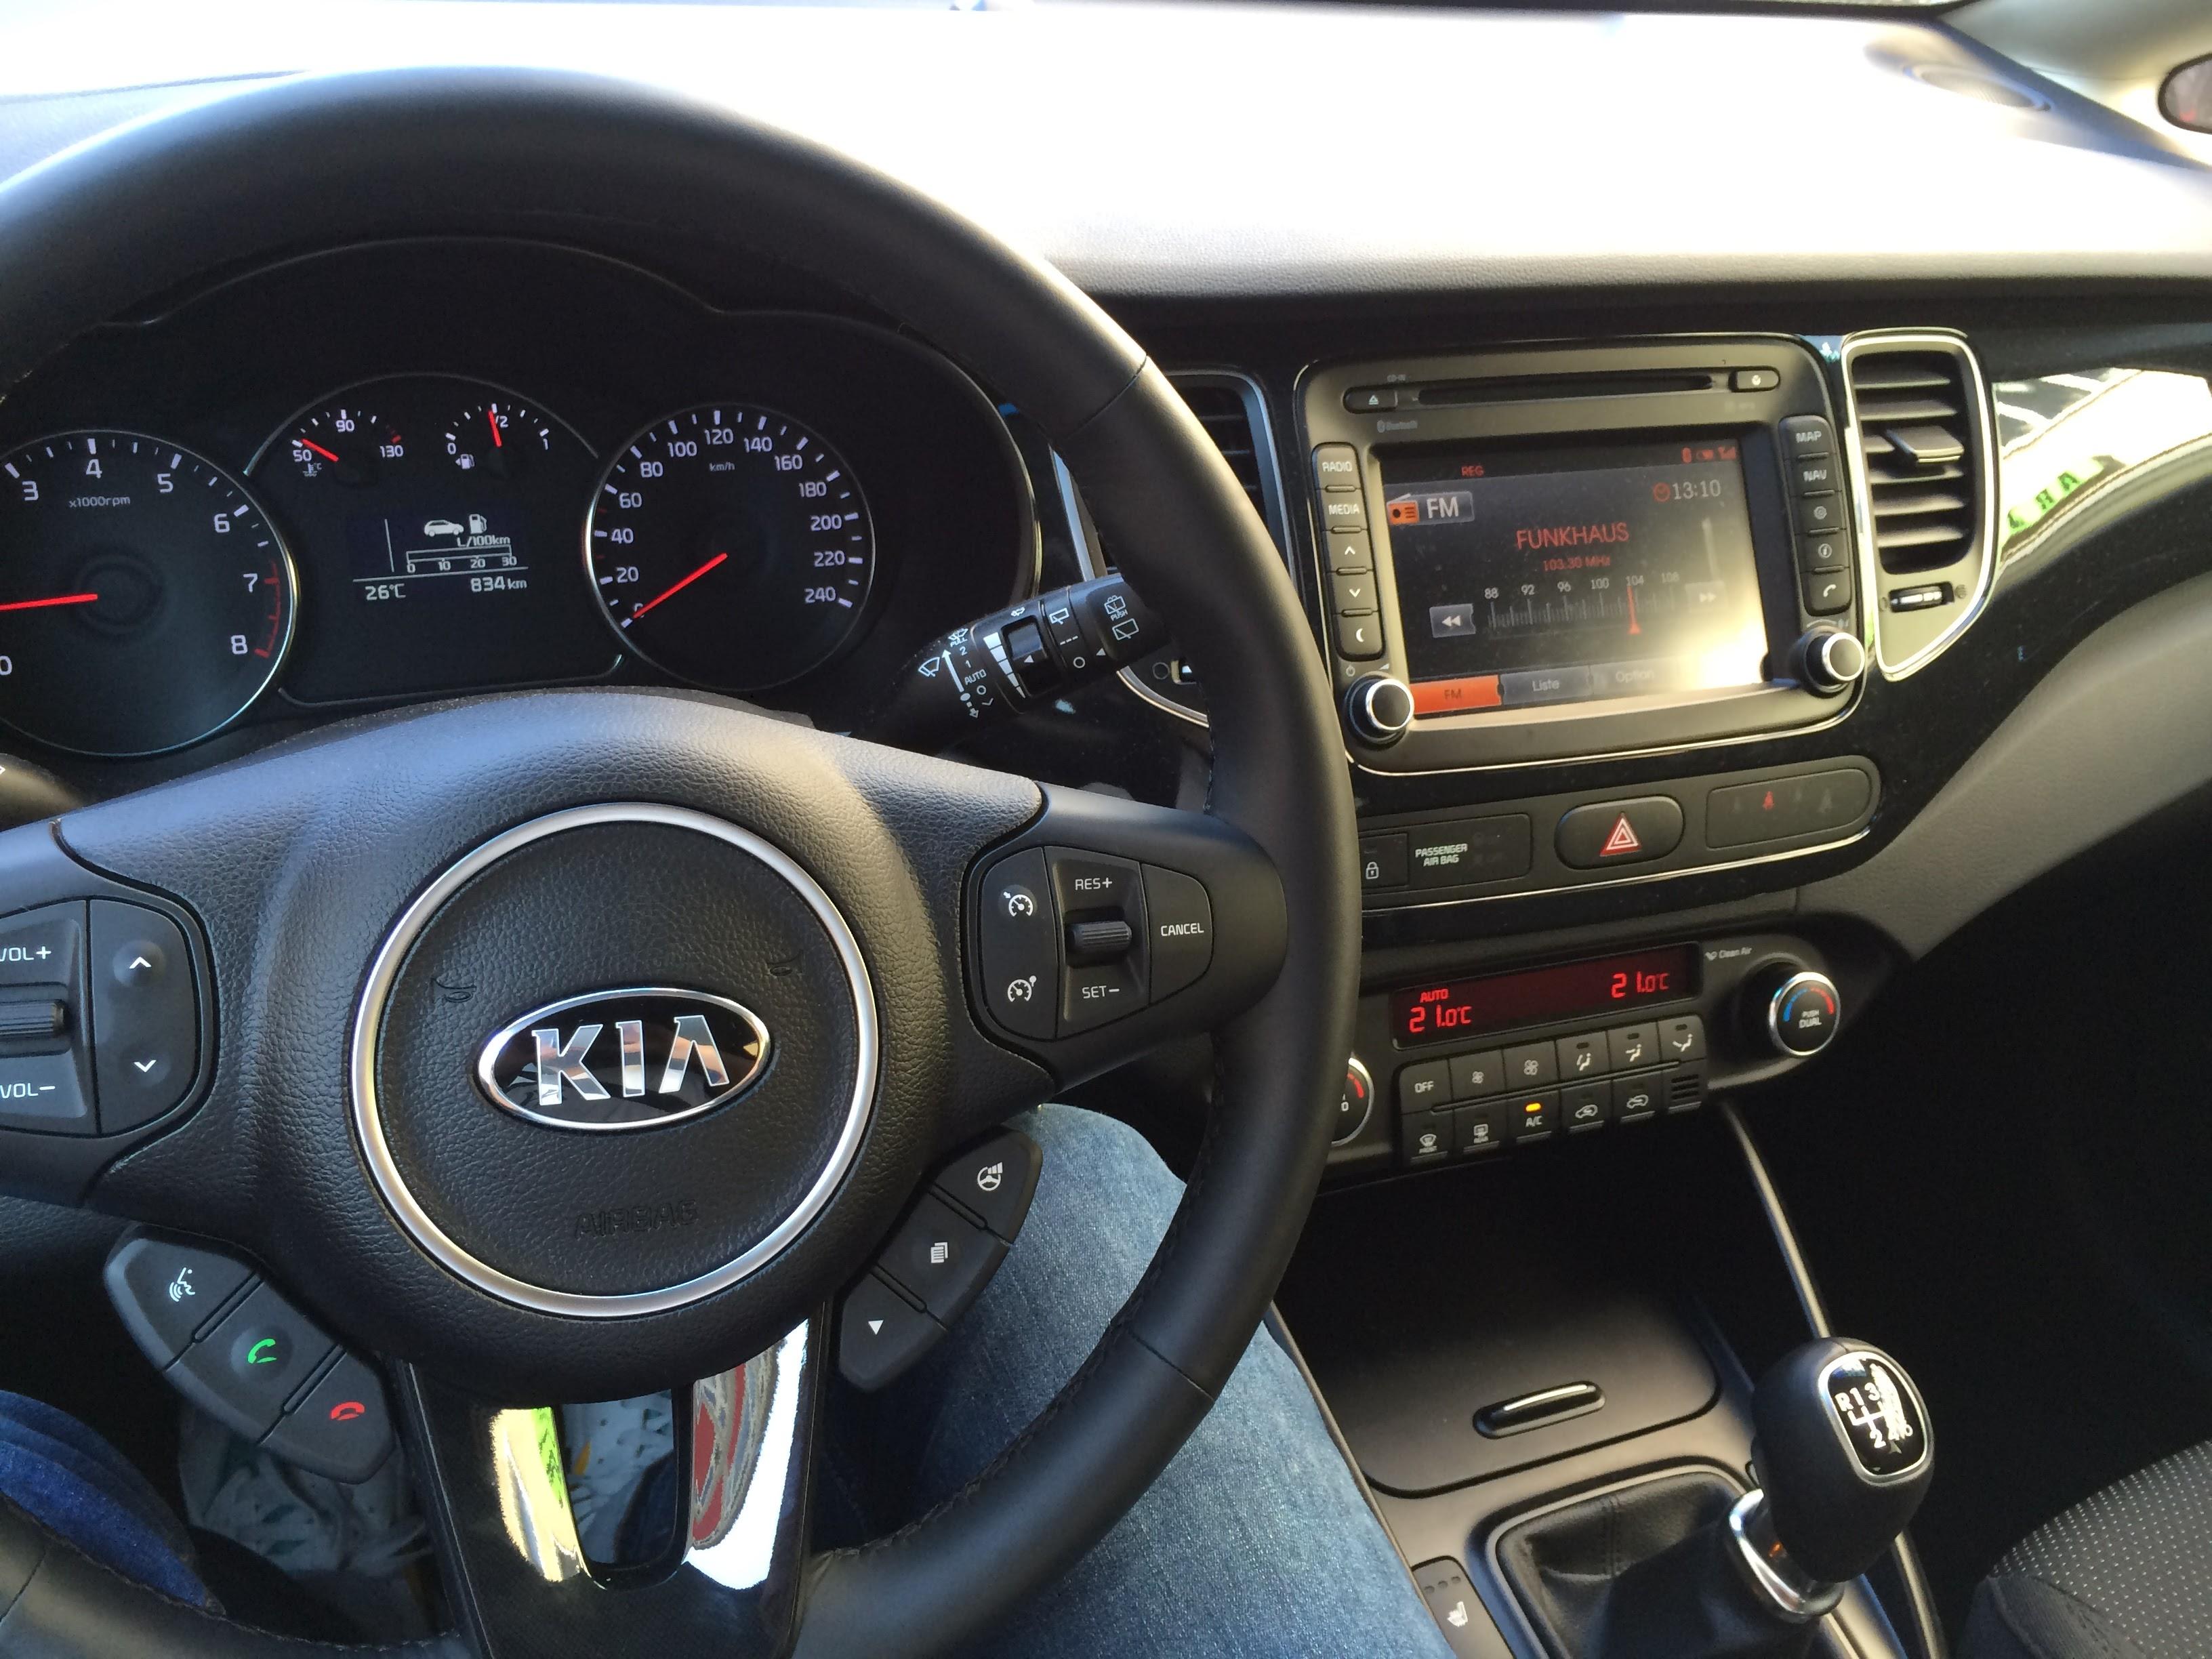 kia-carens_familienauto